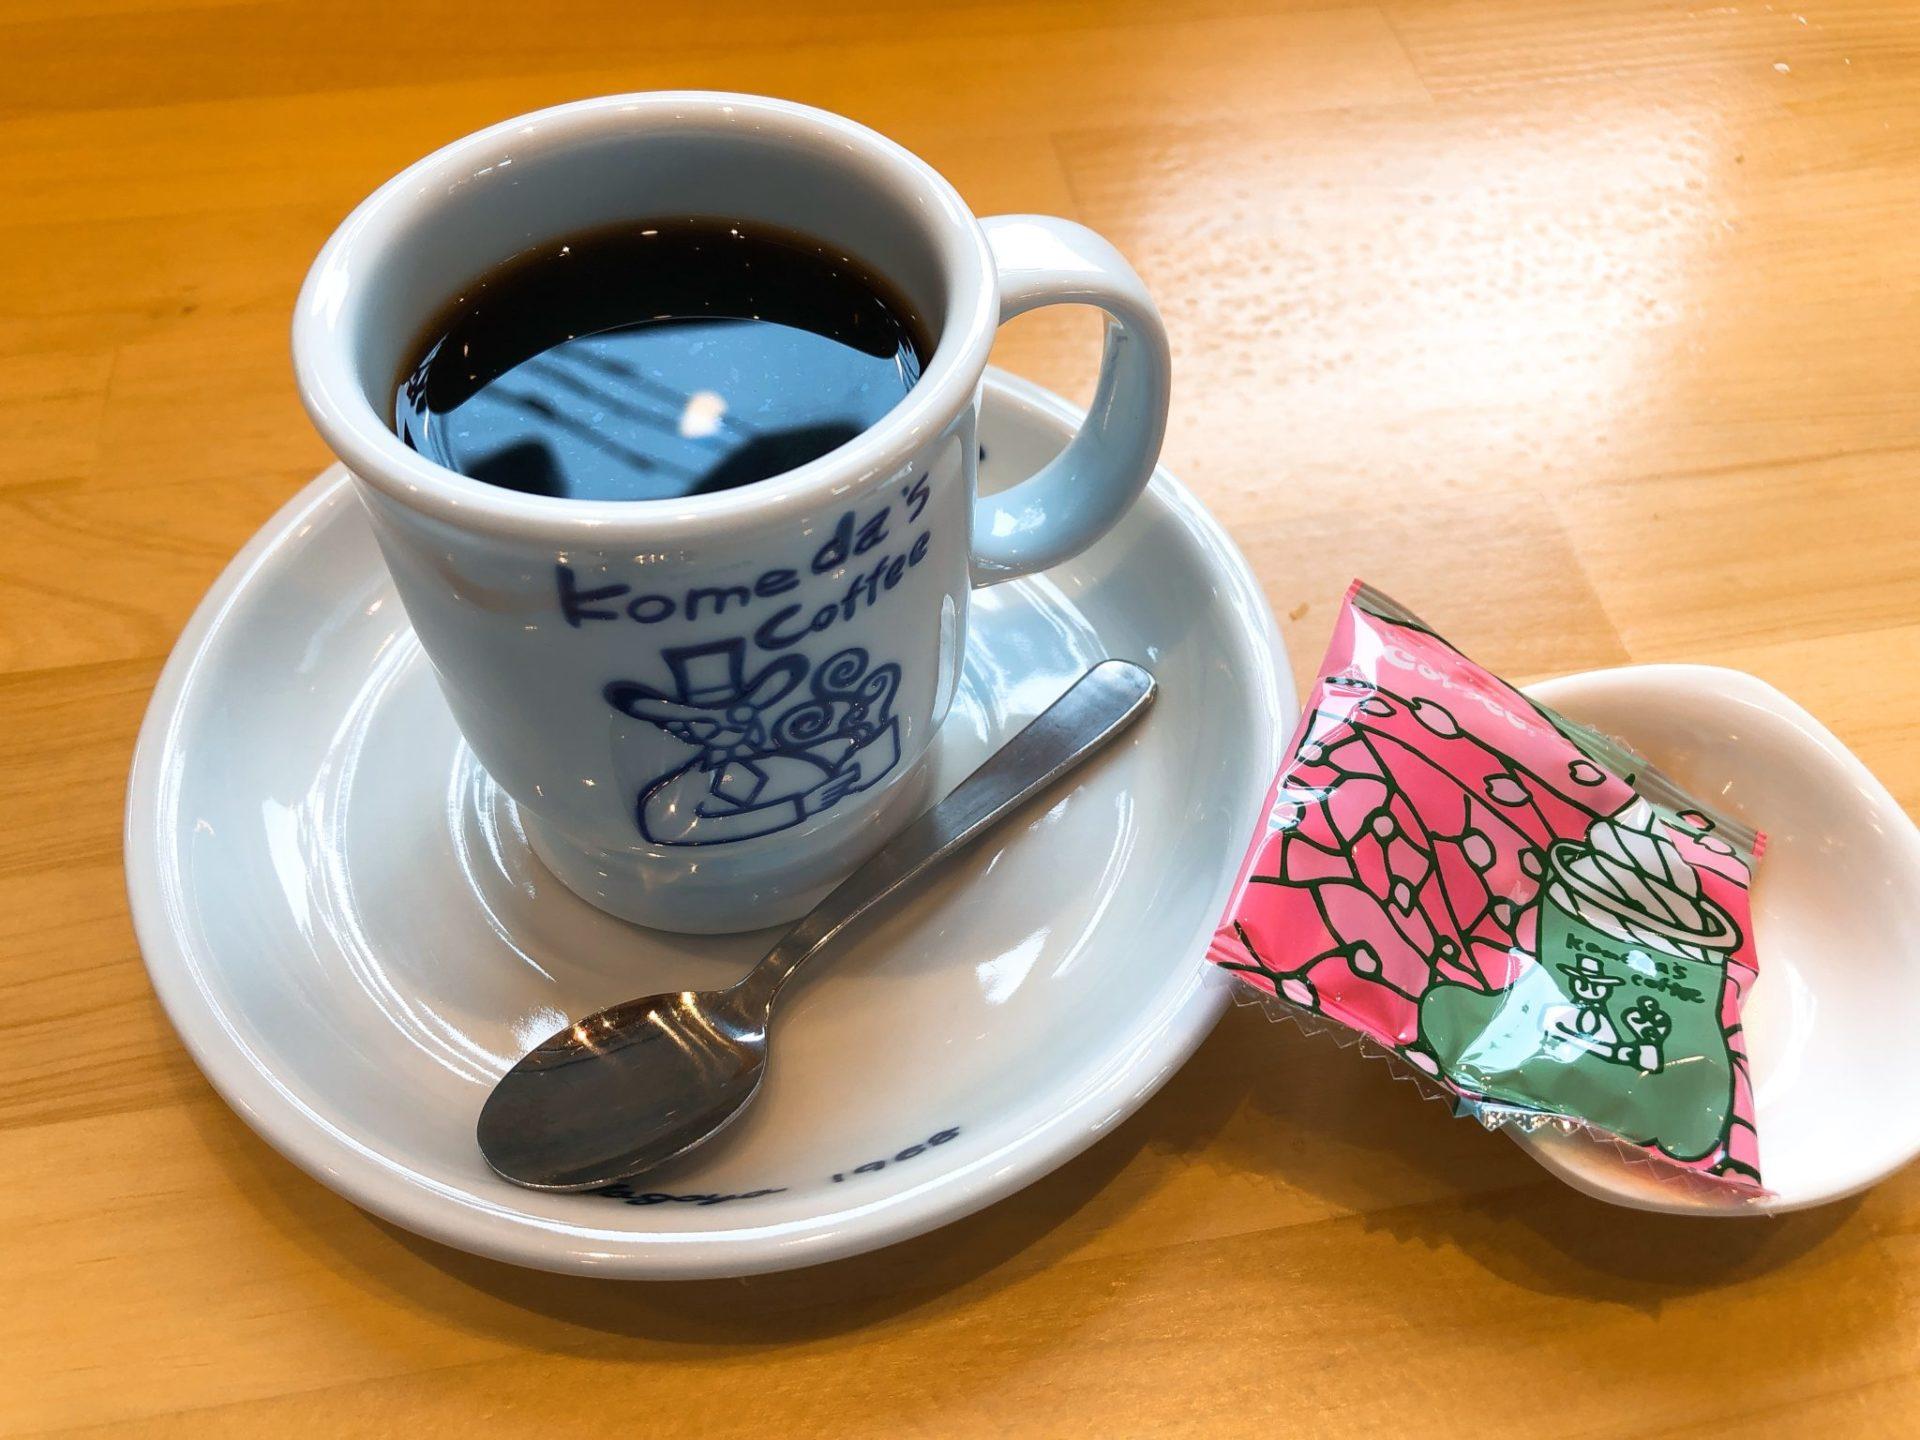 コメダ珈琲店 駒沢公園前店のブレンドコーヒー